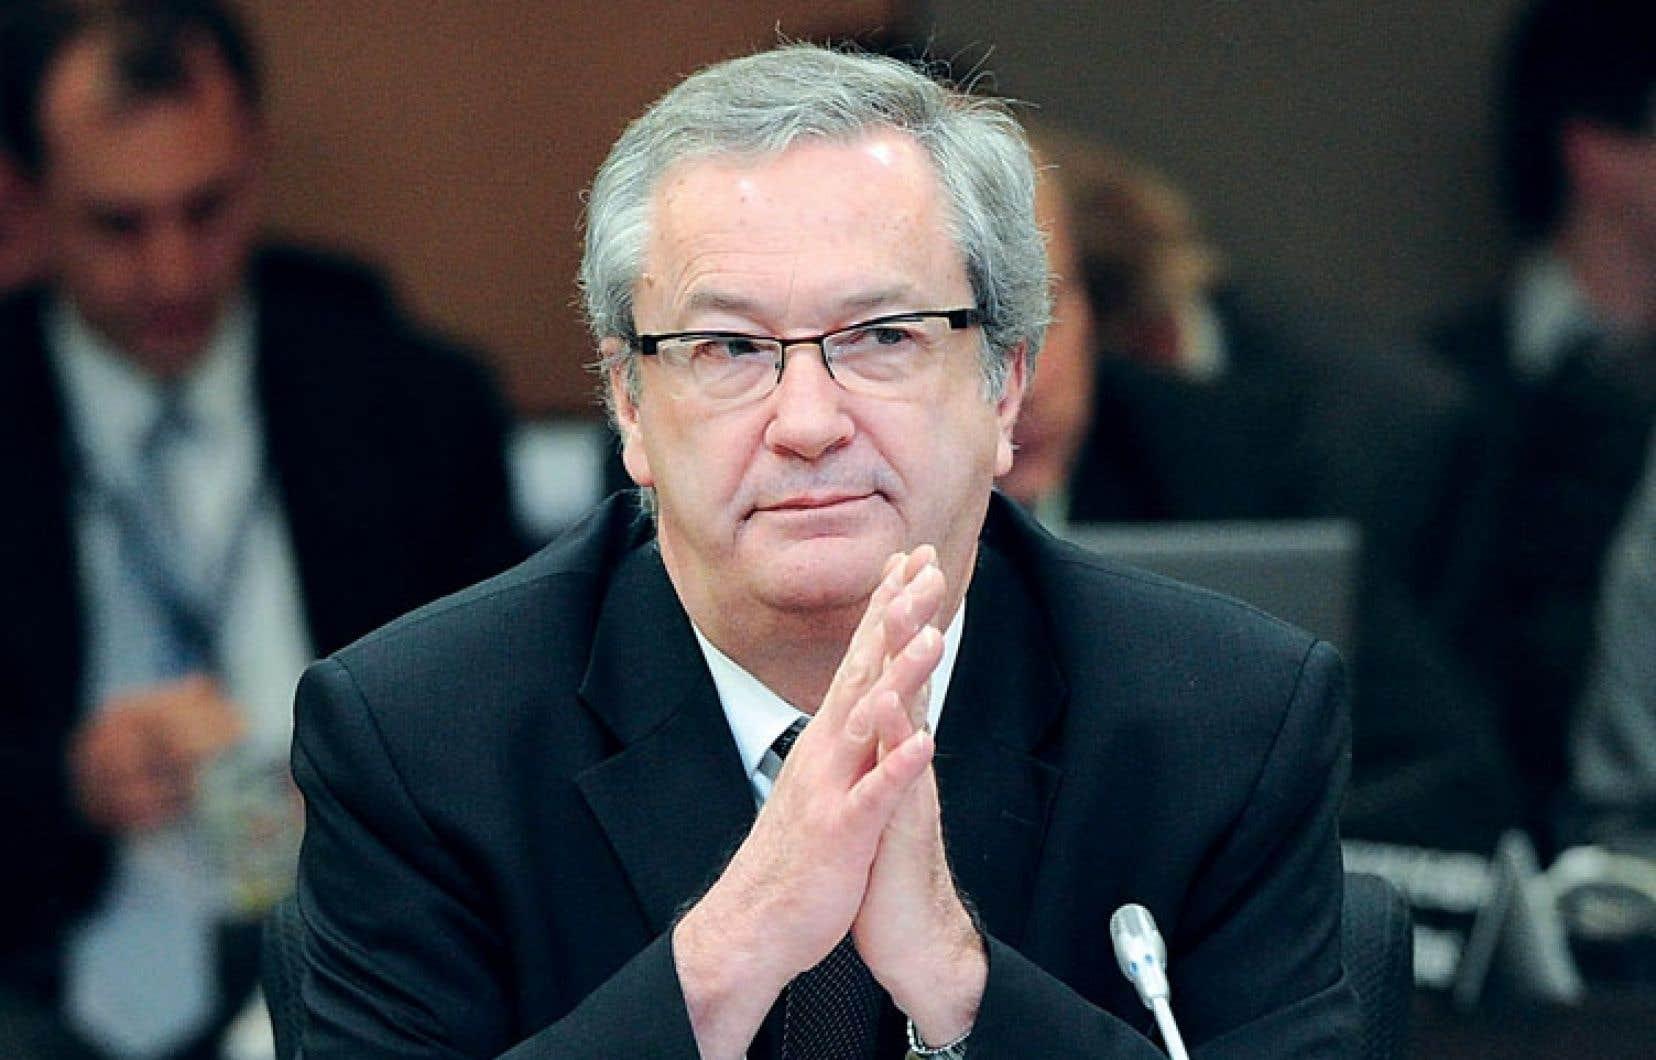 Marc Mayrand, directeur général d'Élections Canada. Le gouvernement conservateur devrait déposer une modification à la Loi électorale de manière à encadrer l'utilisation des appels robotisés lors de scrutins.